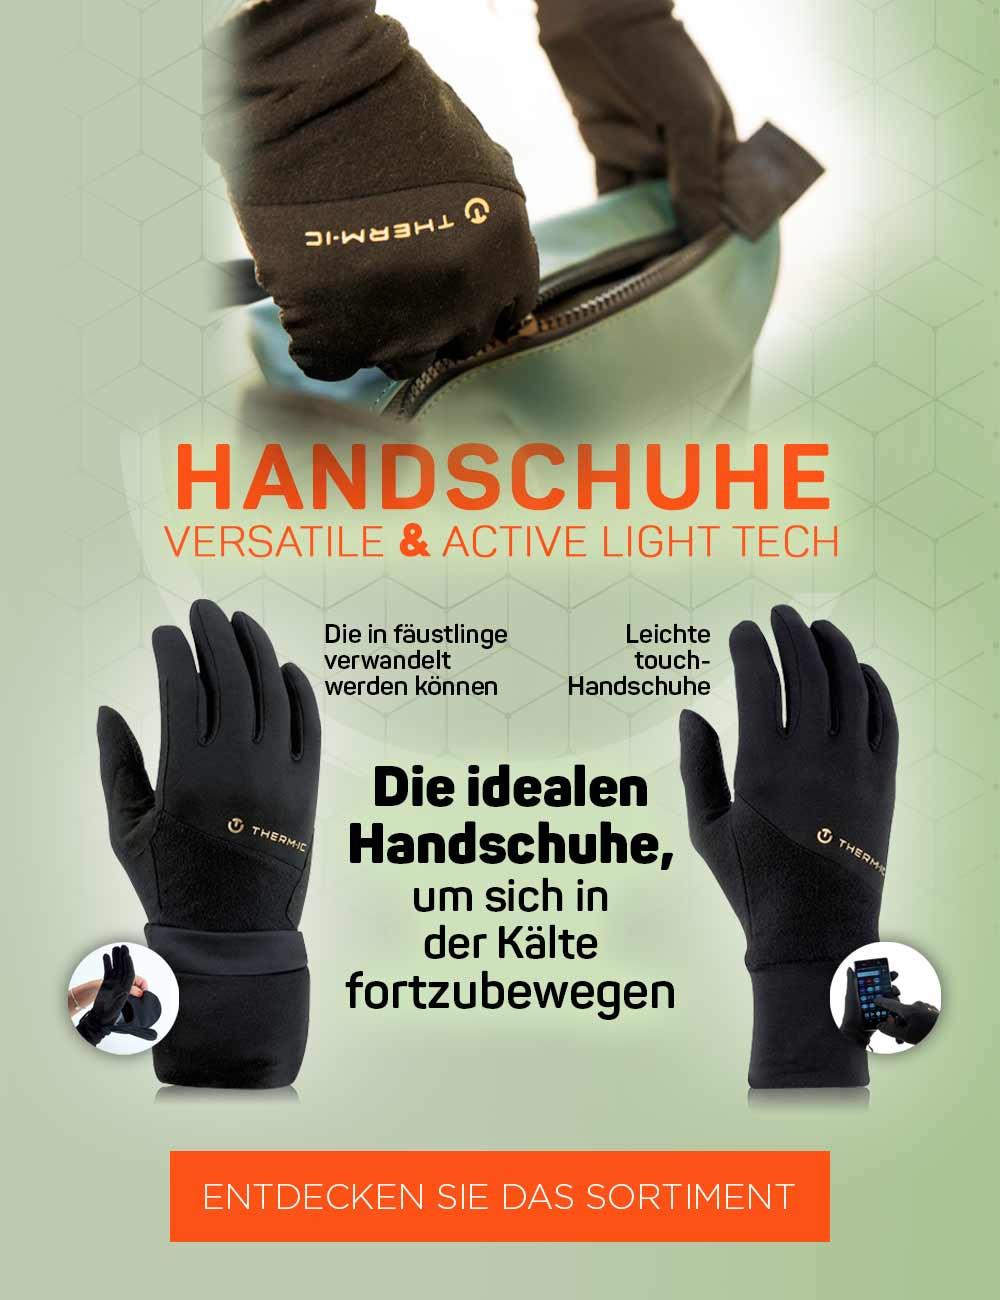 Entdecken Sie unsere Auswahl an Handschuhen für Ihre Städtereisen in der Kälte